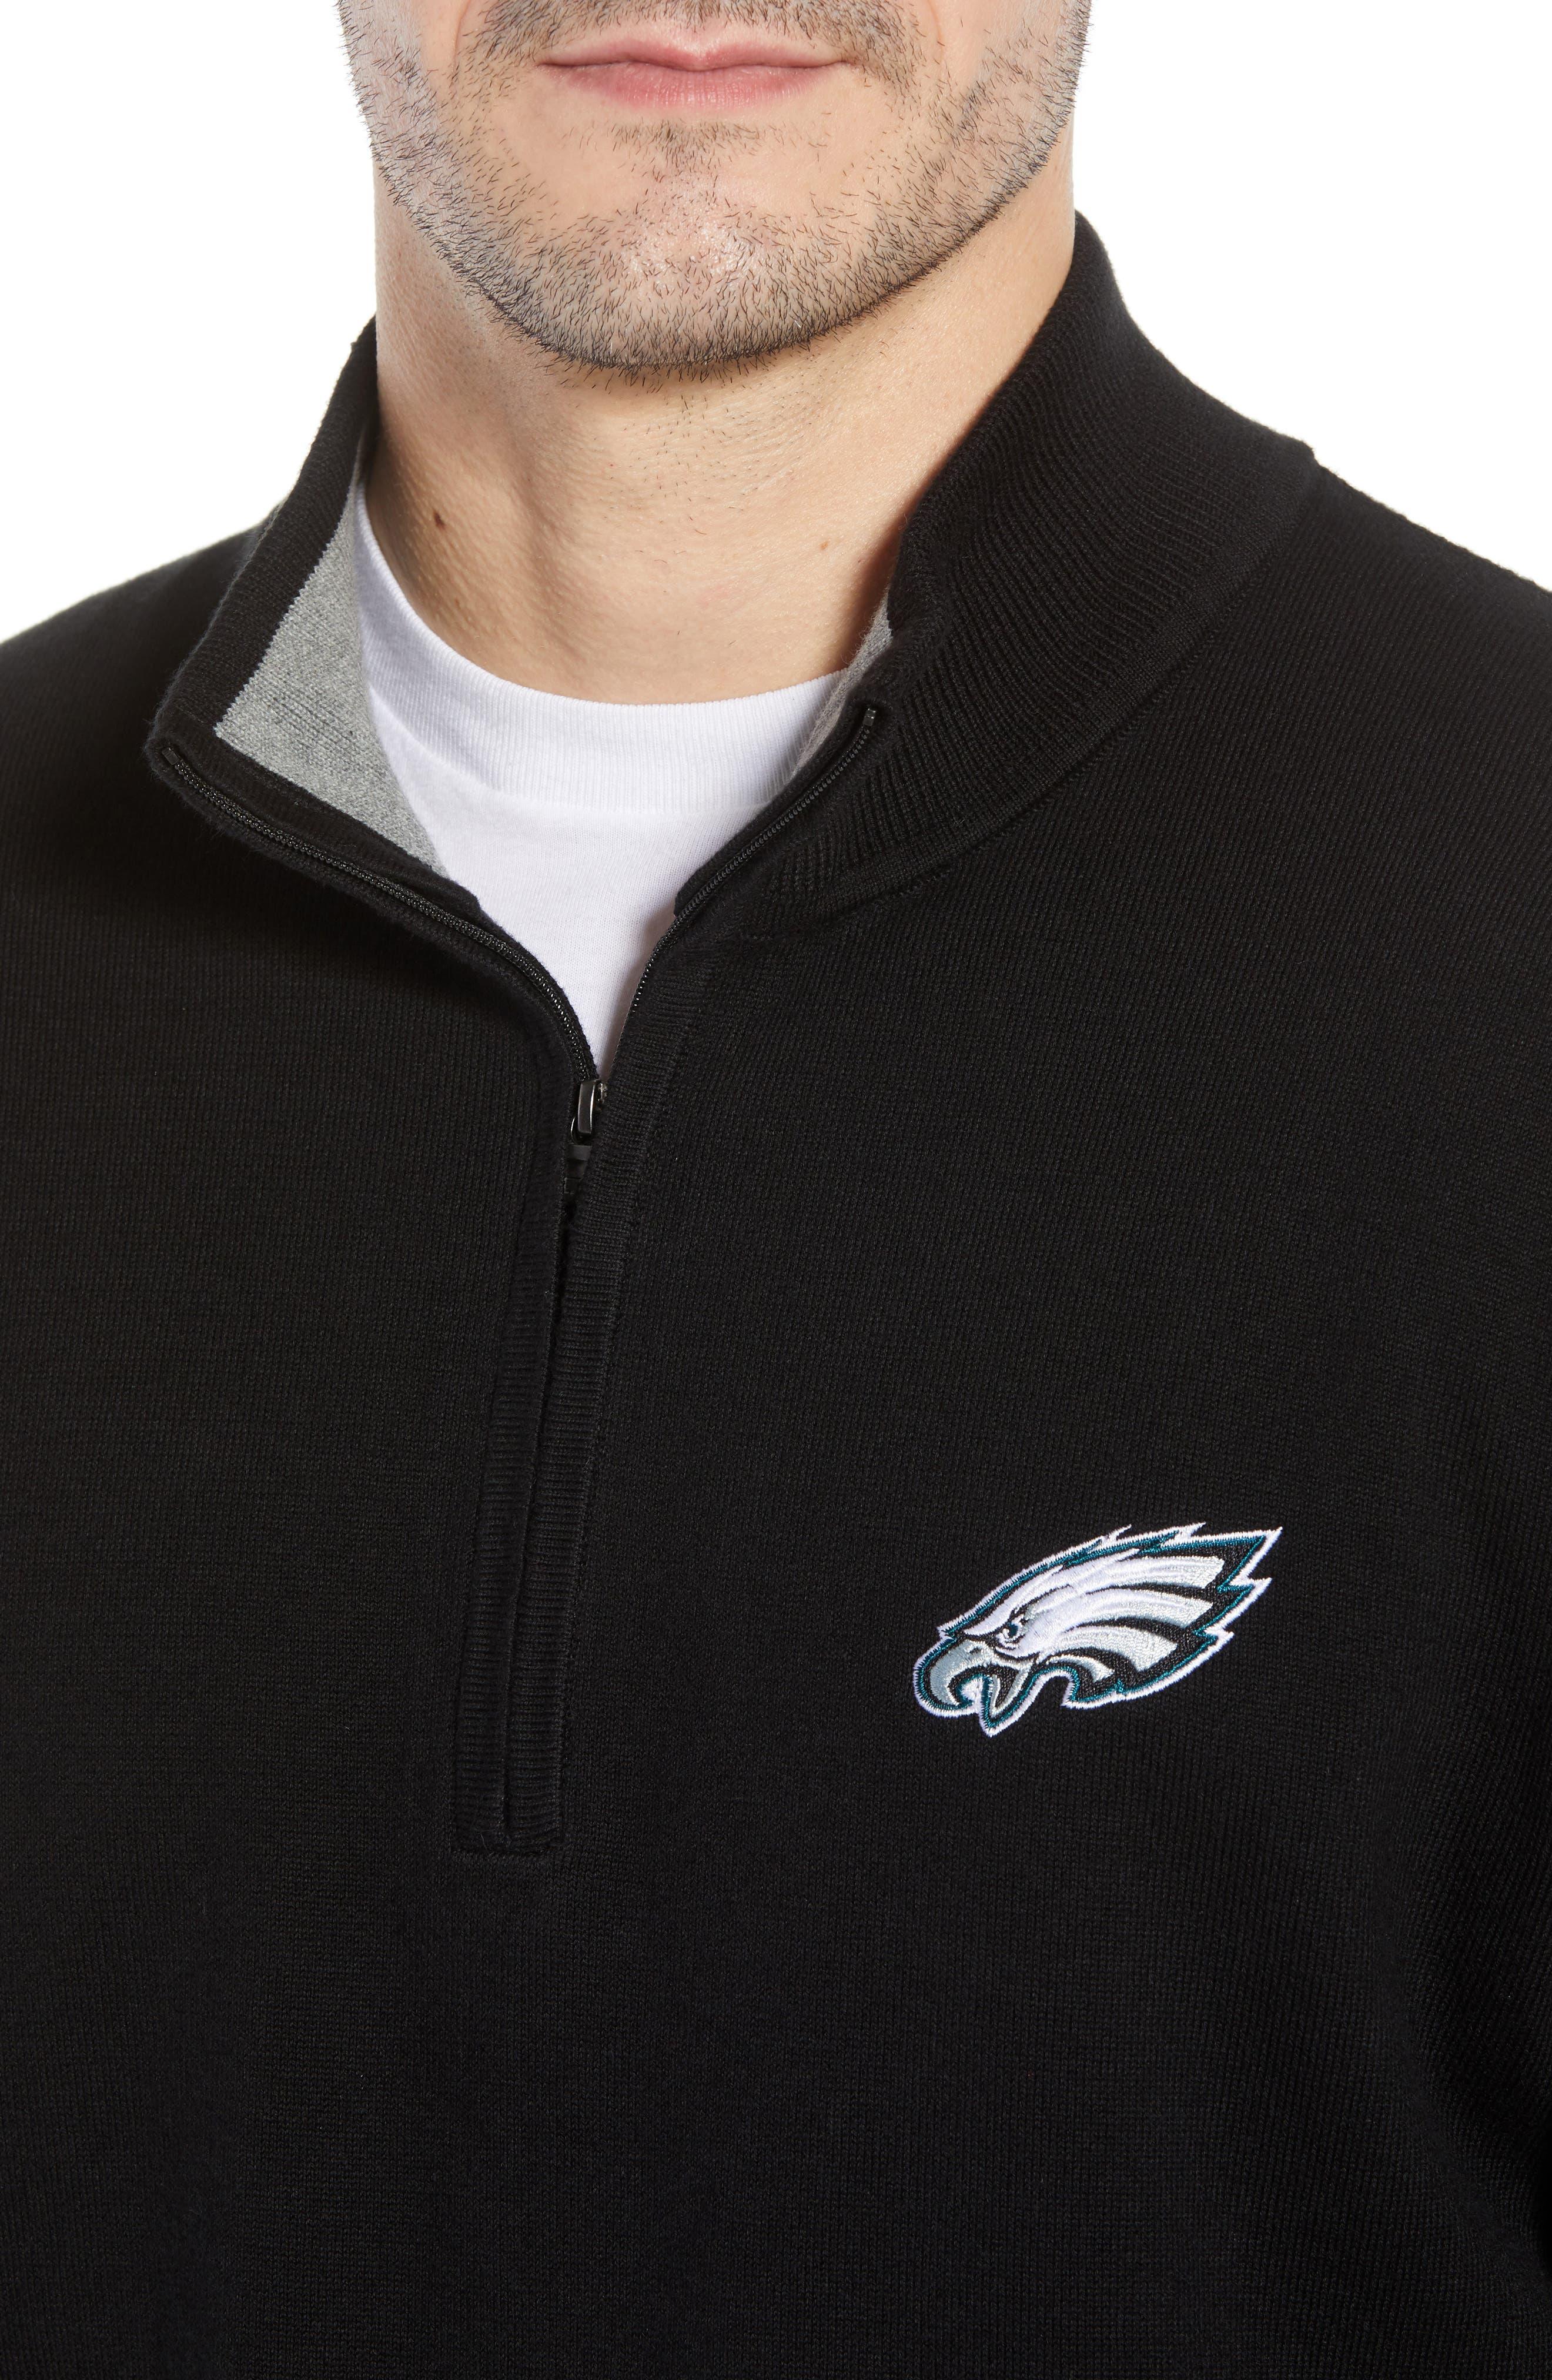 Philadelphia Eagles - Lakemont Regular Fit Quarter Zip Sweater,                             Alternate thumbnail 4, color,                             001